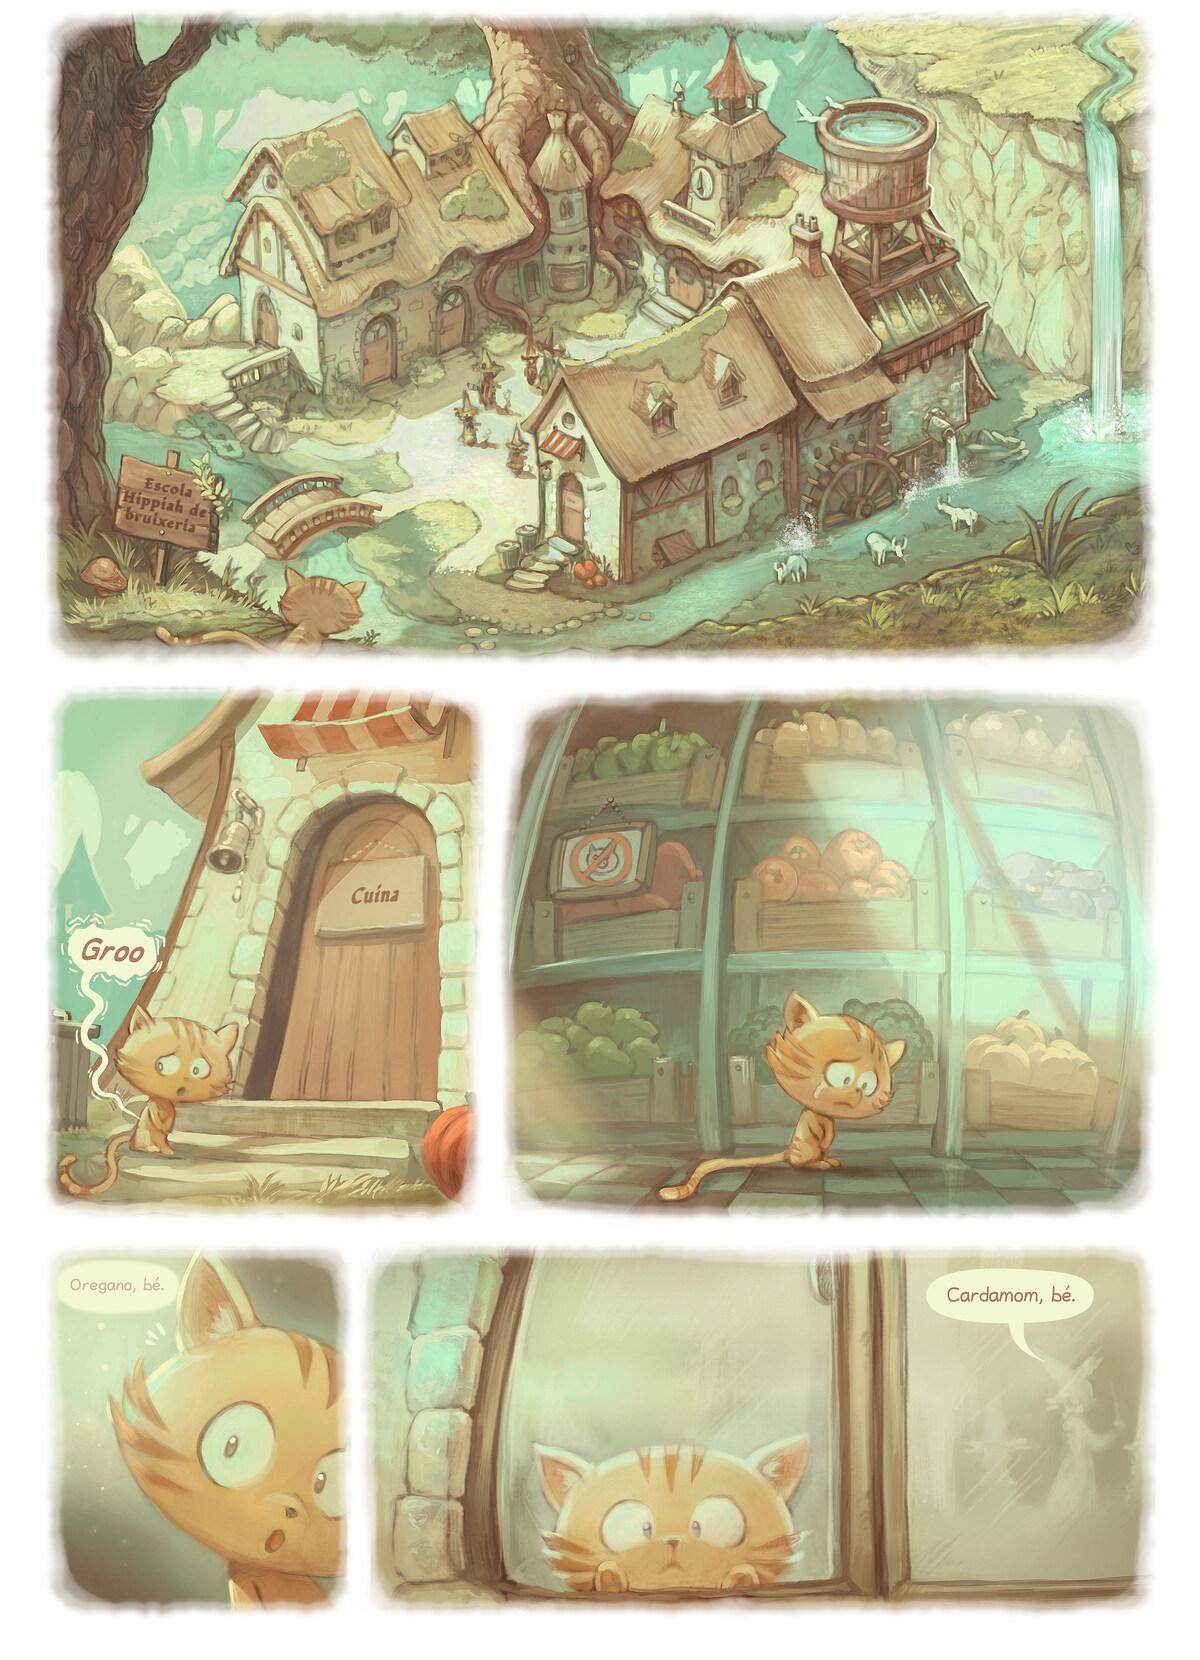 A webcomic page of Pepper&Carrot, episodi 18 [ca], pàgina 2